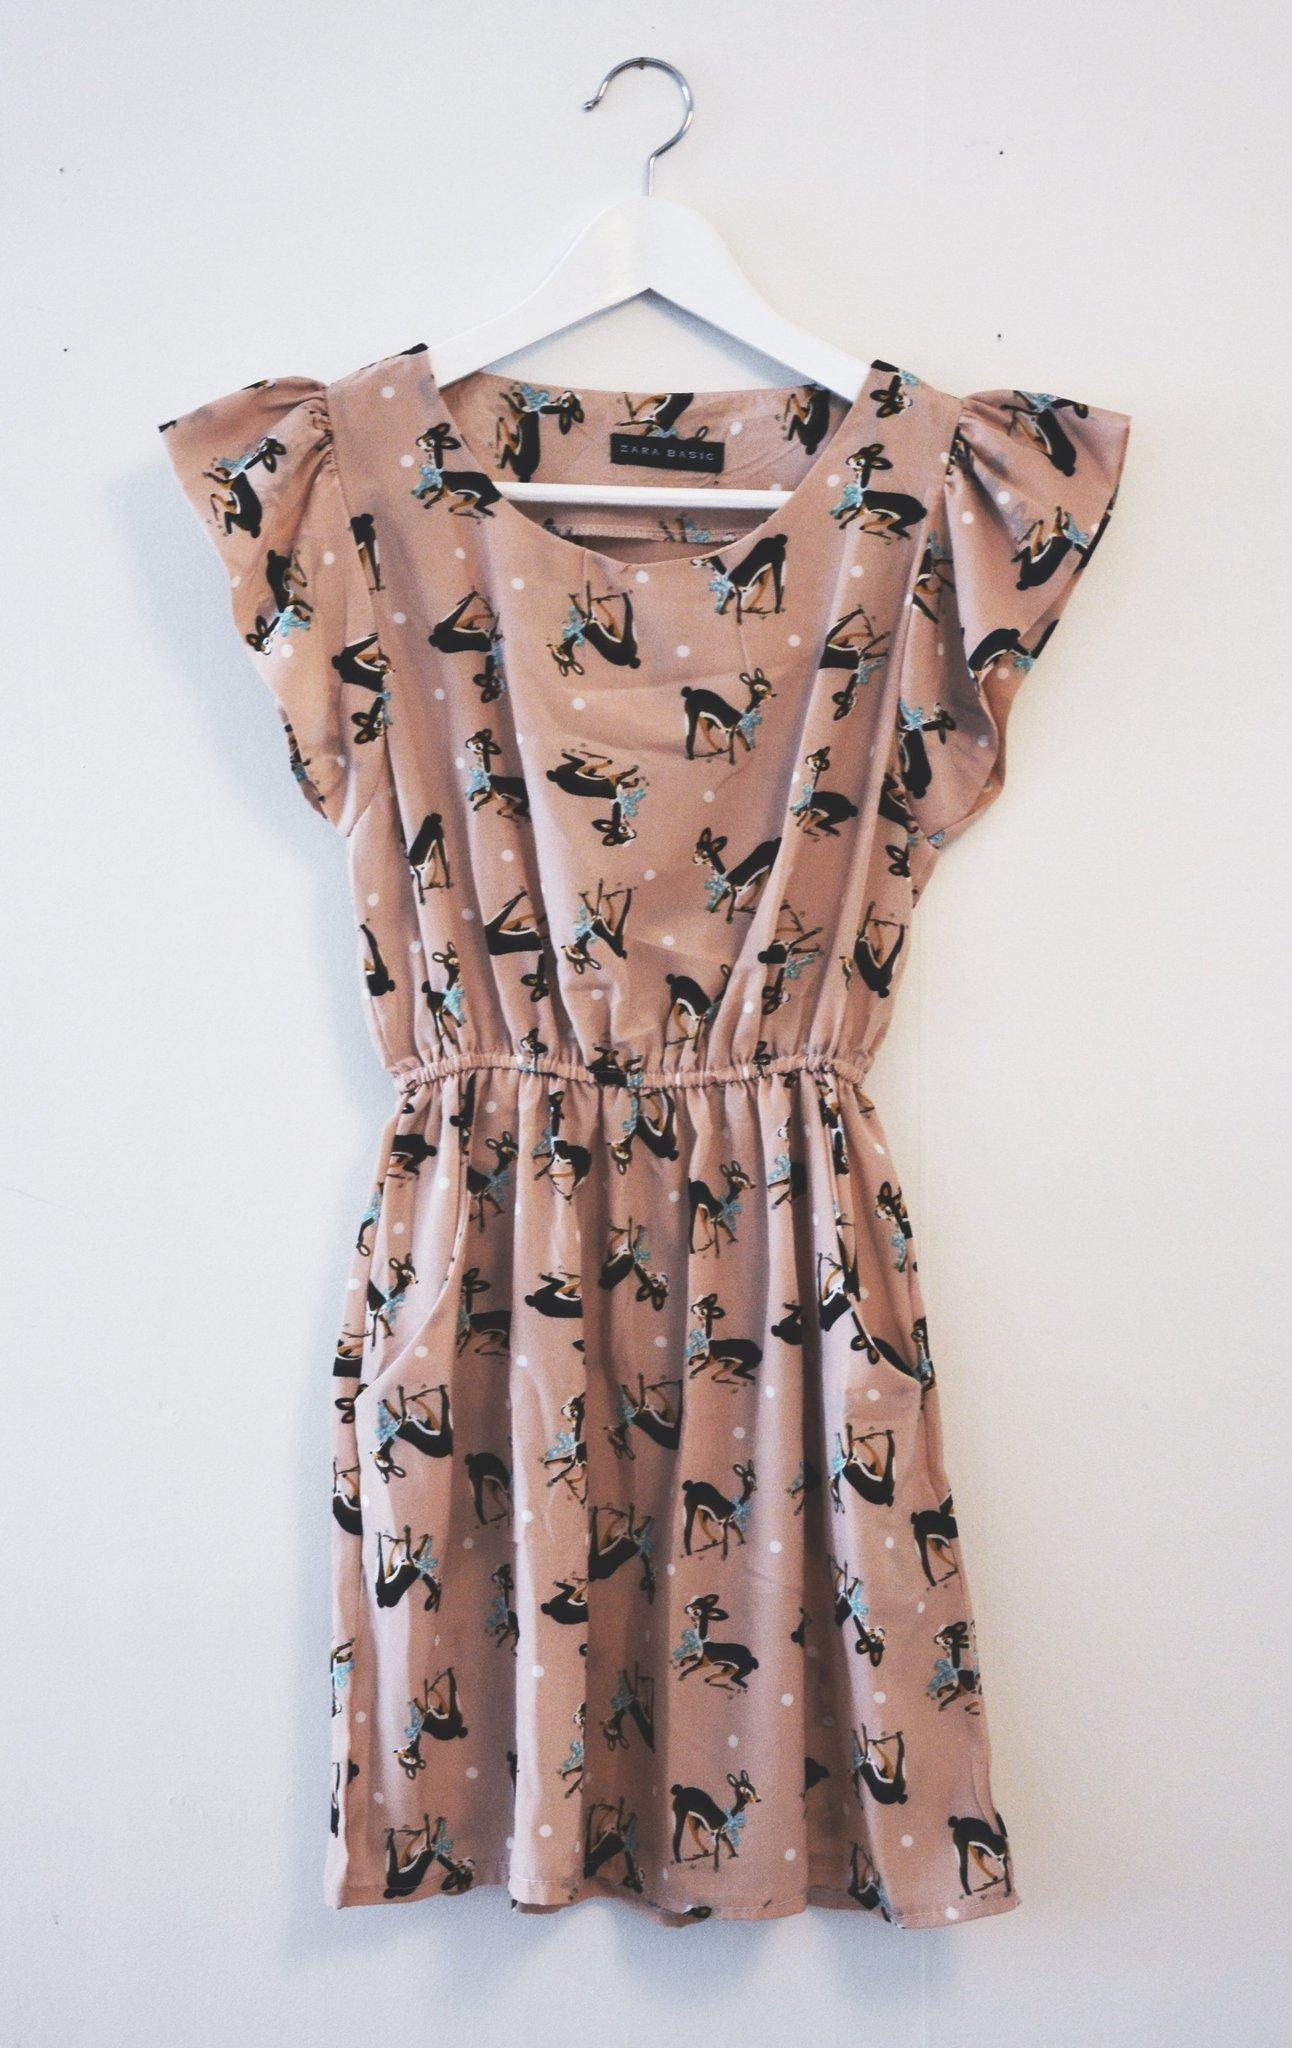 64680928806 Söt rosa klänning med rådjur-mönster / Skolavsl.. (353530716) ᐈ Köp ...